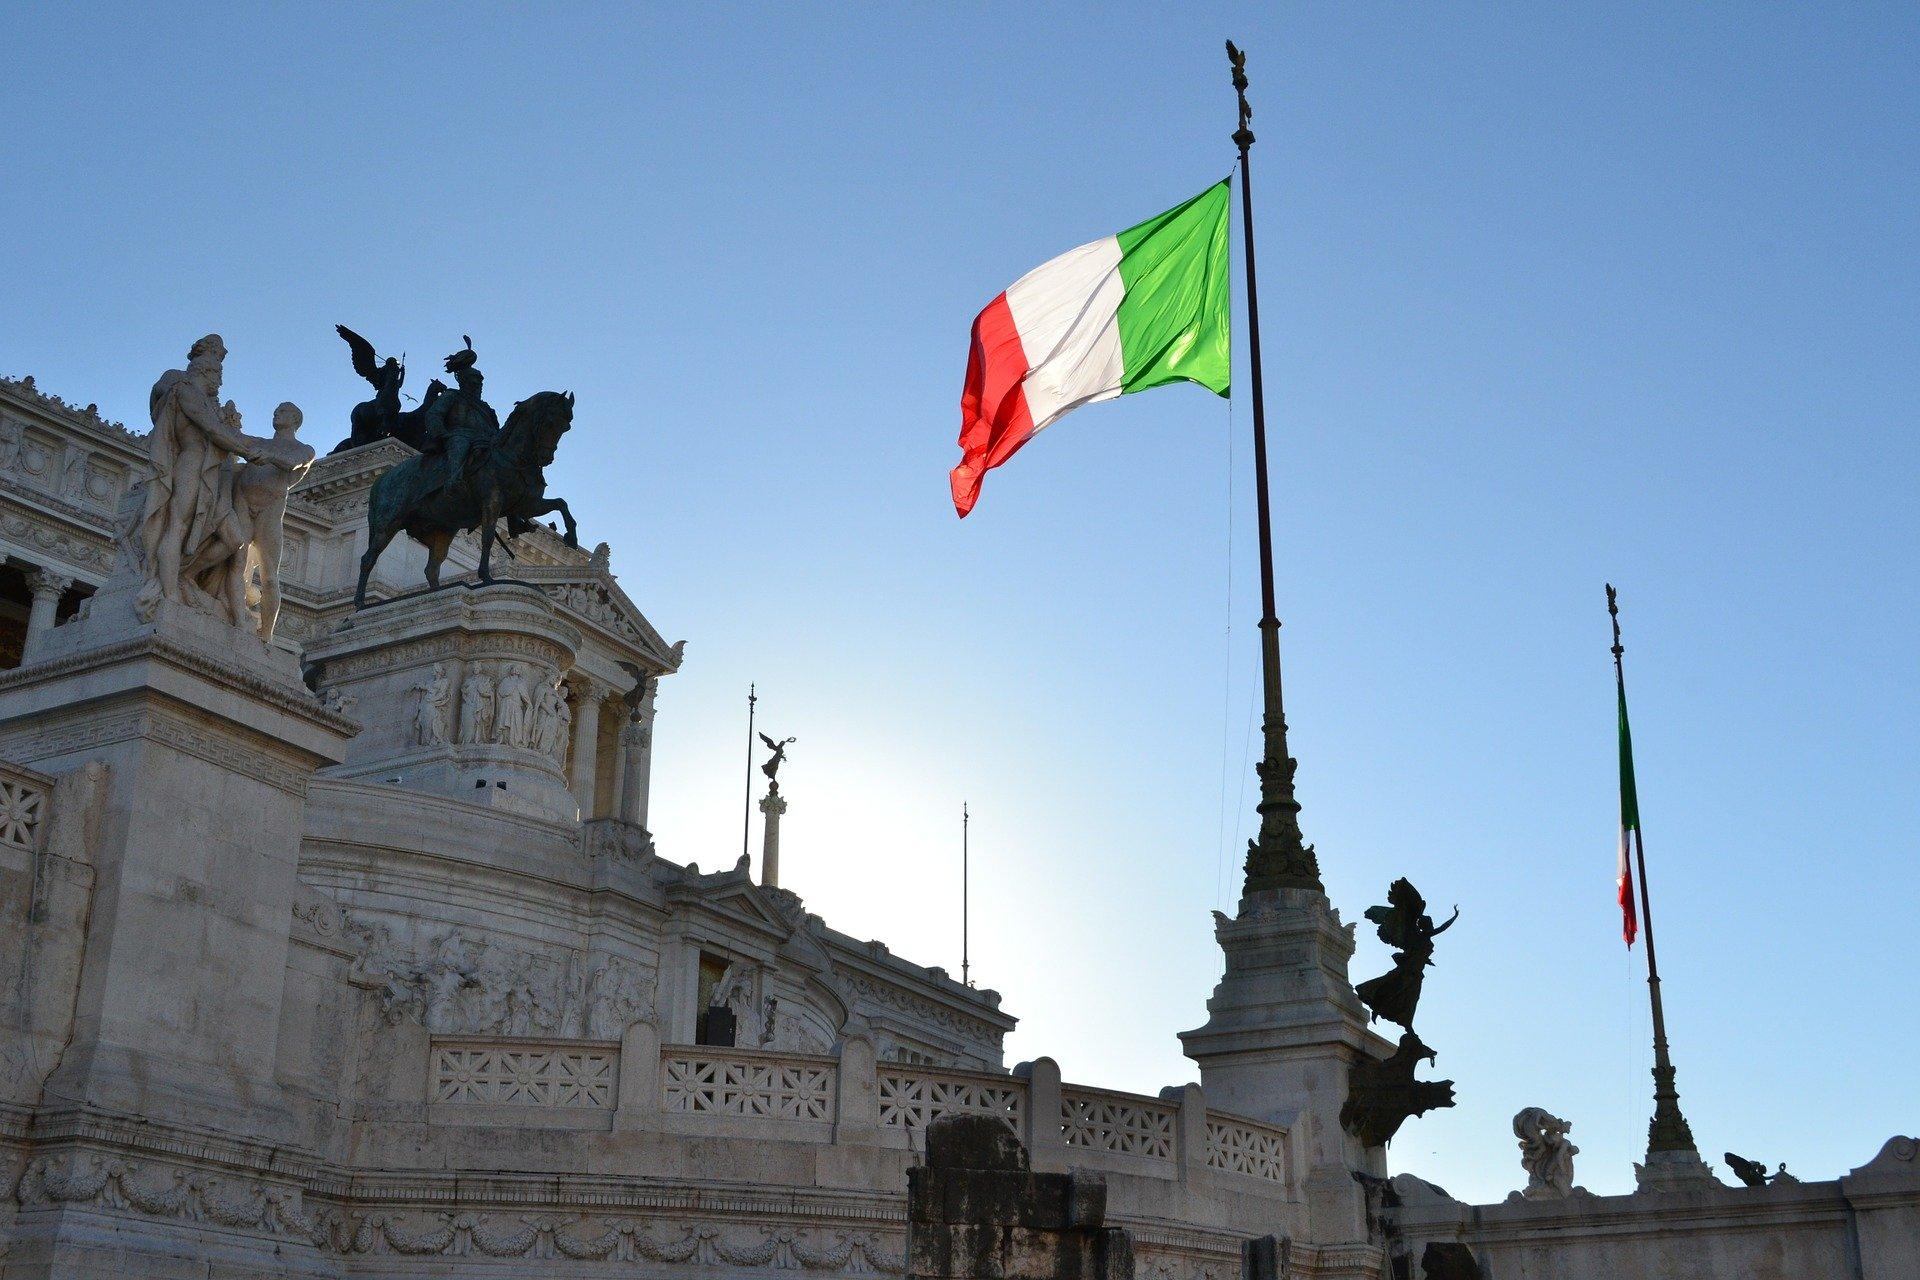 Италия флаг фото